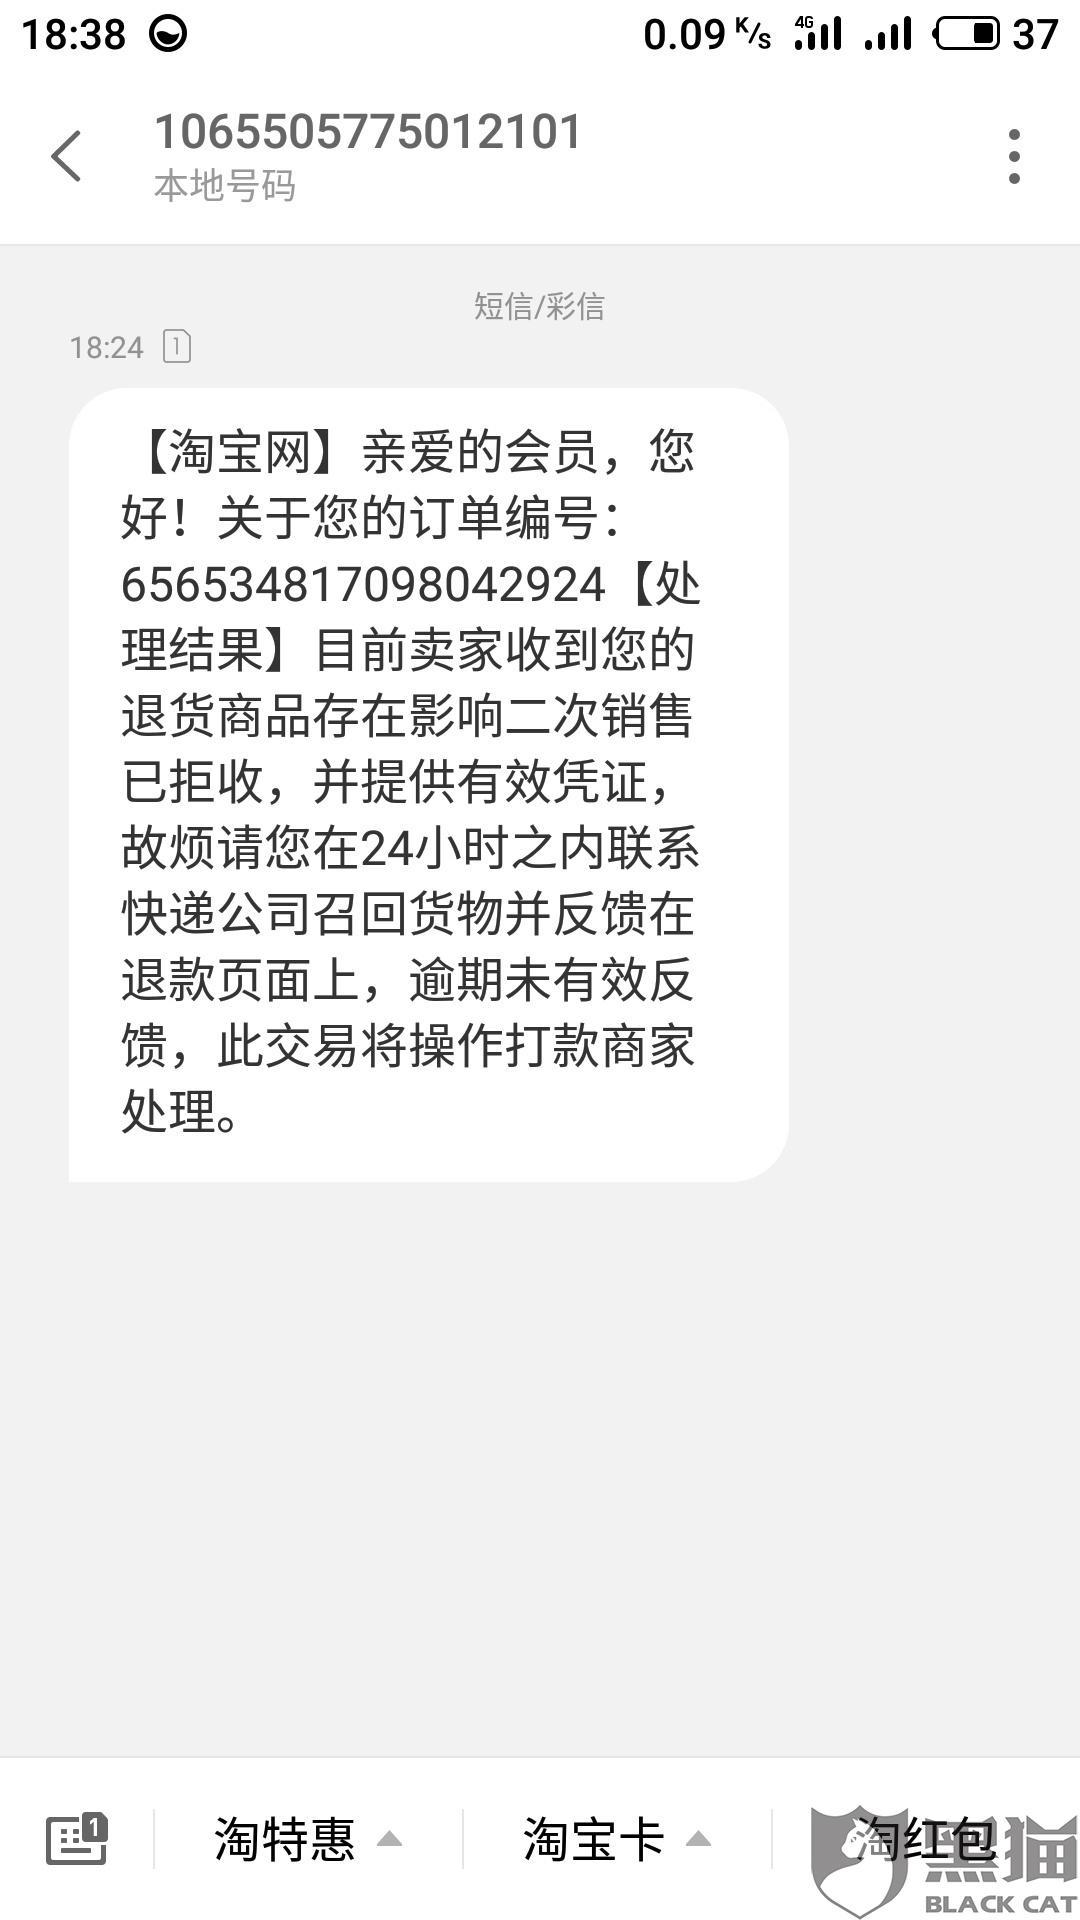 黑猫投诉:天猫 岱岳家具旗舰店发错货不给退款